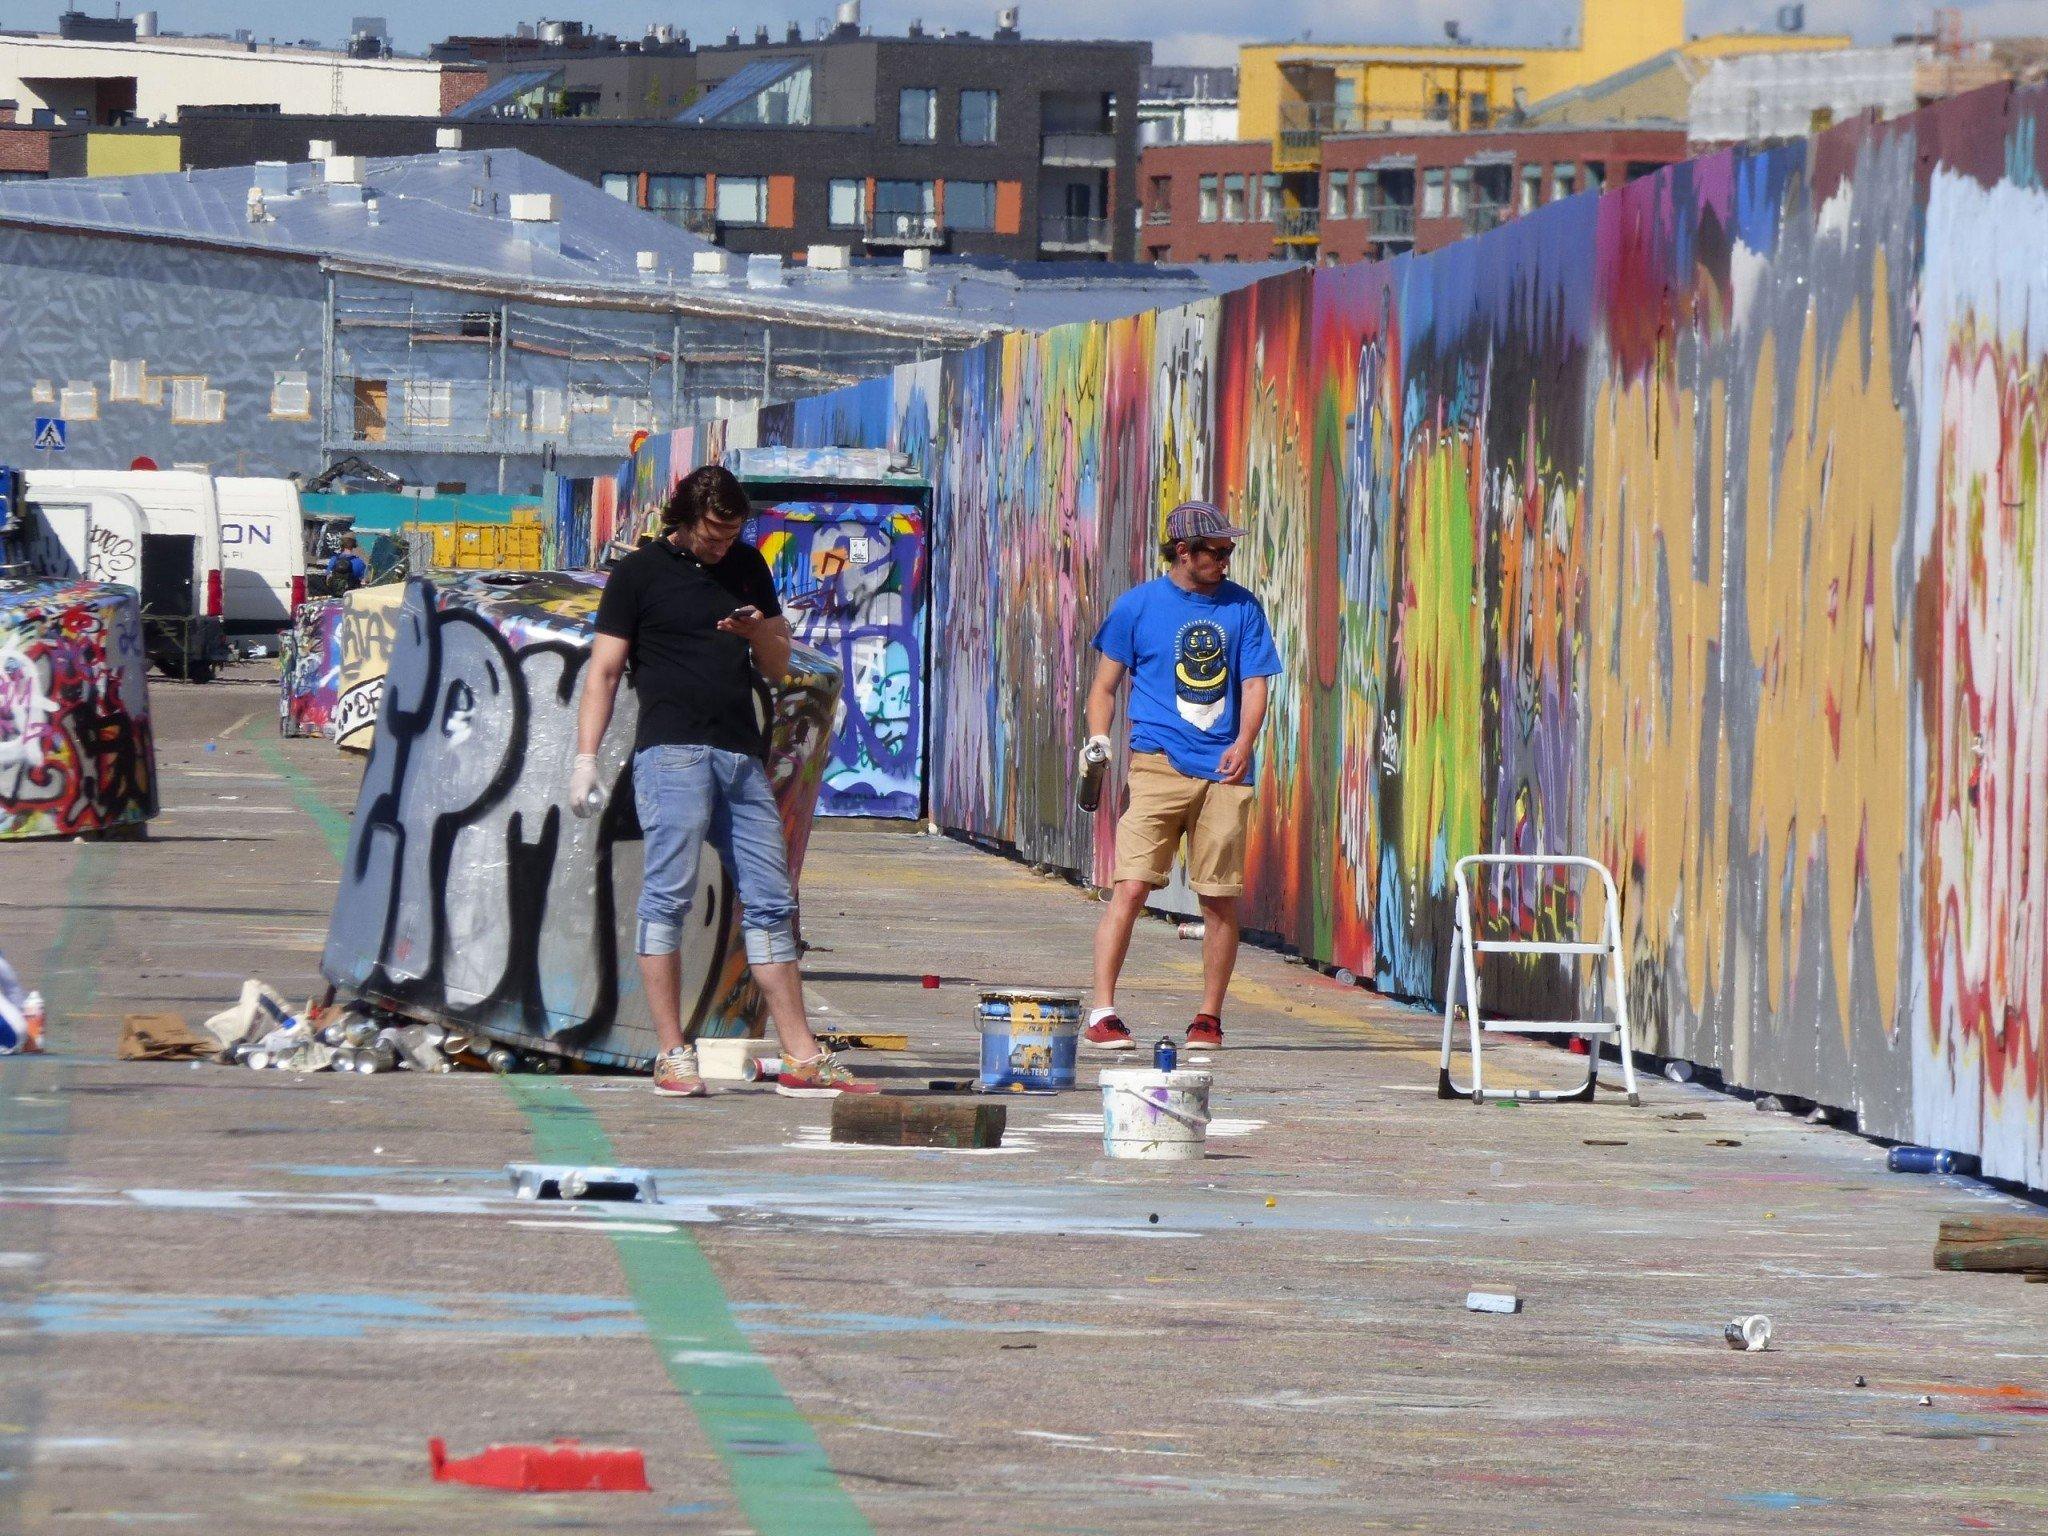 Helsinki Kalasatama graffitti